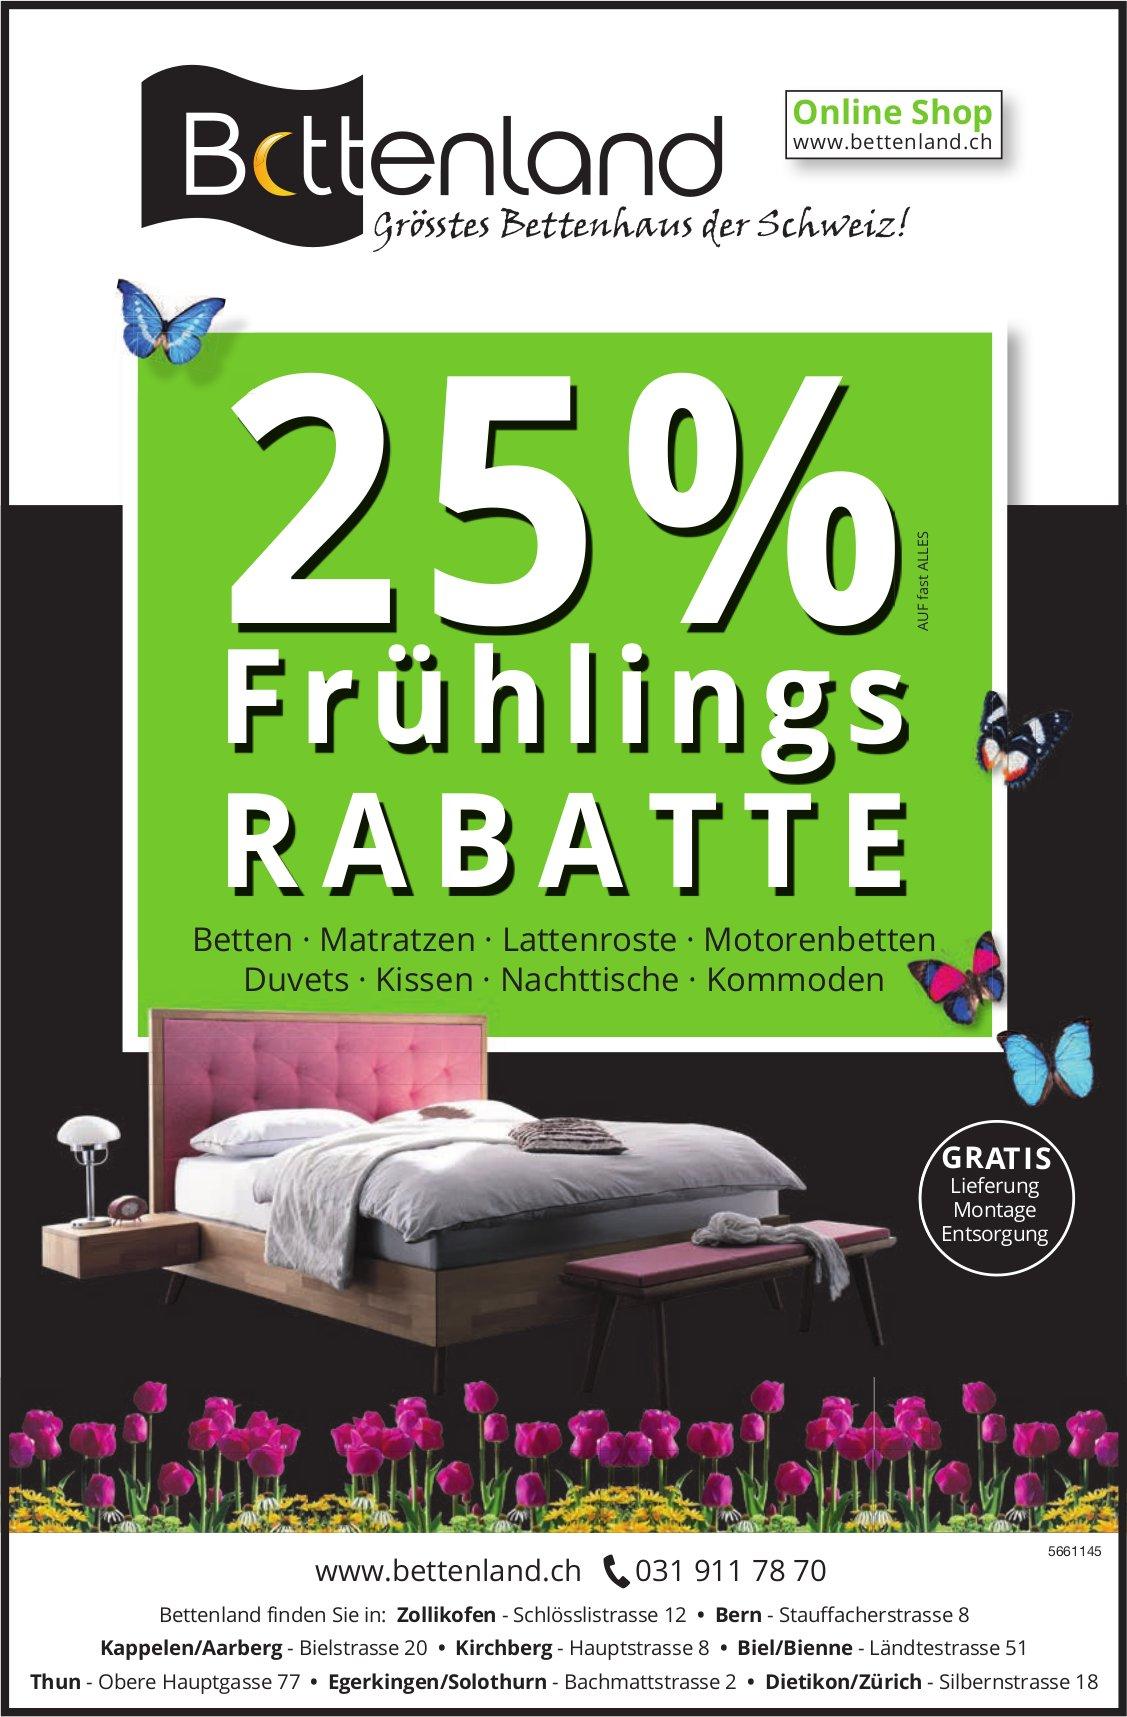 Bettenland - 25% Frühlings - Rabatte